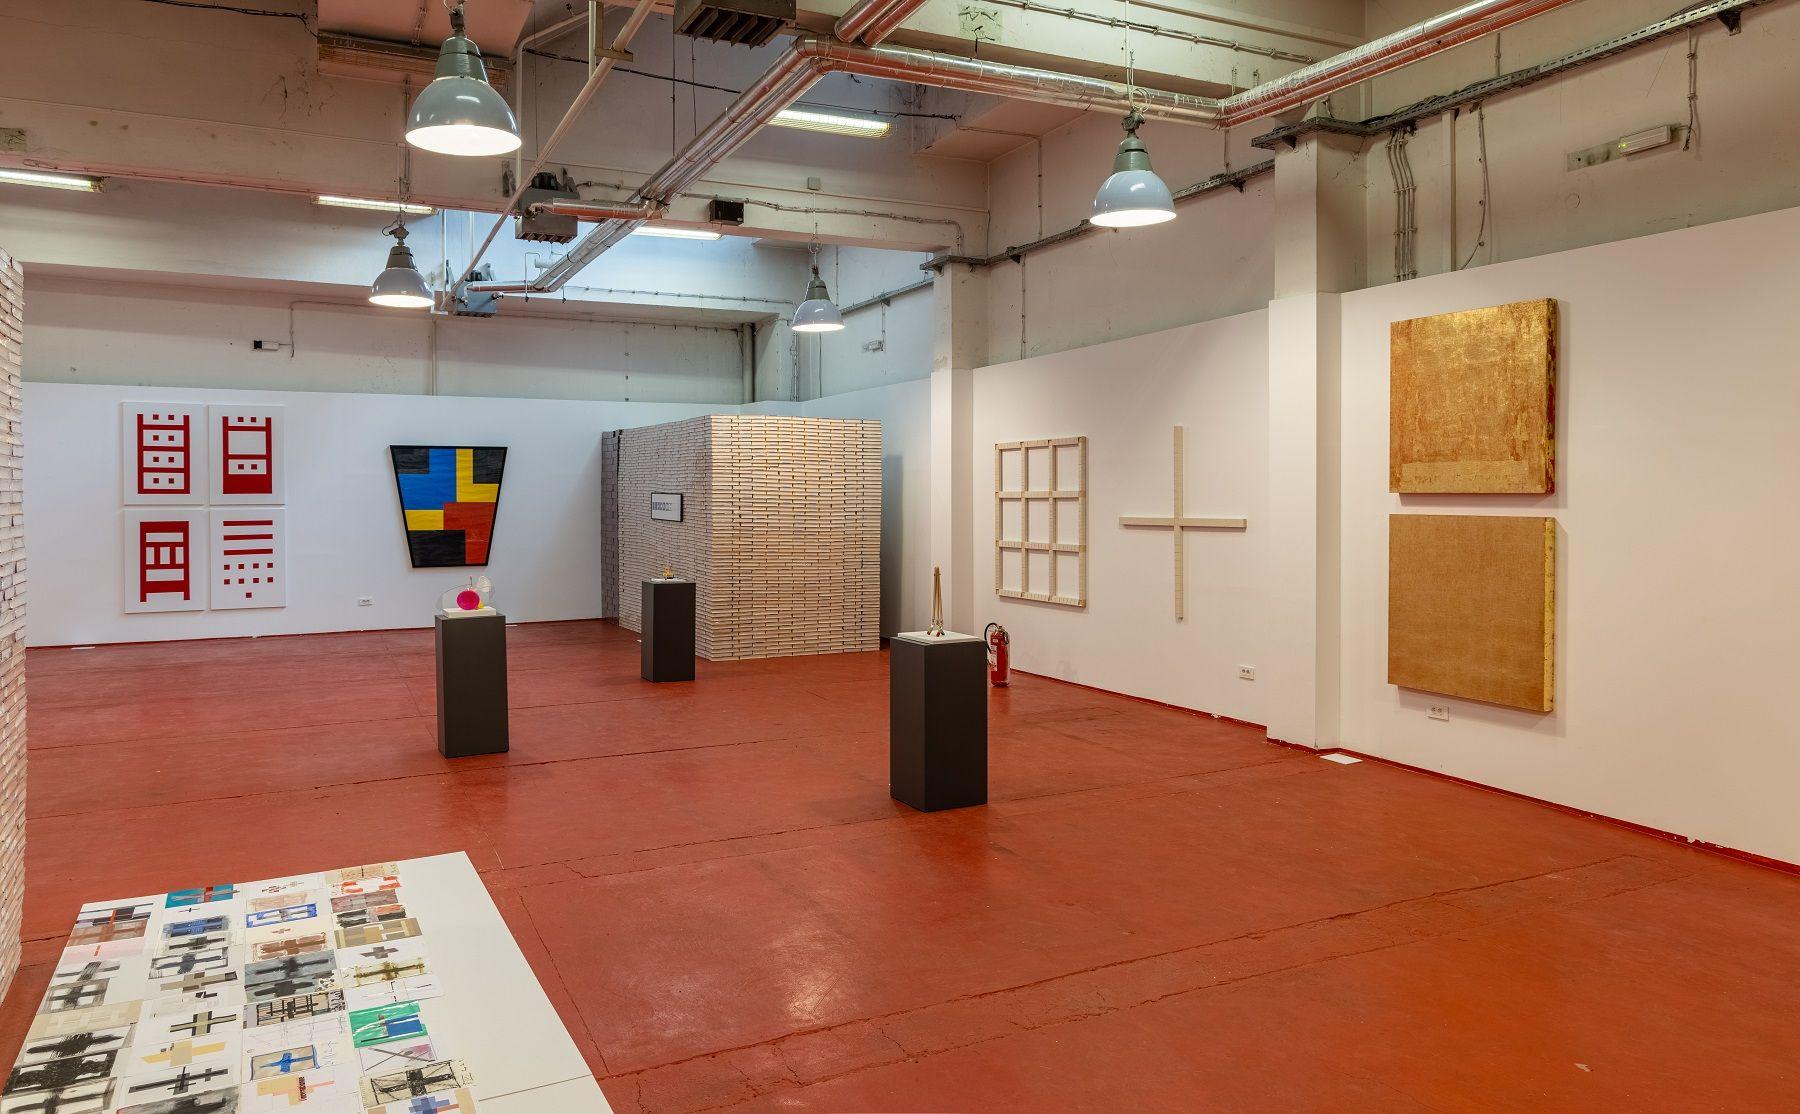 Otvorena izložba Radikalne Geometrije u prostoru LEXART Skladište